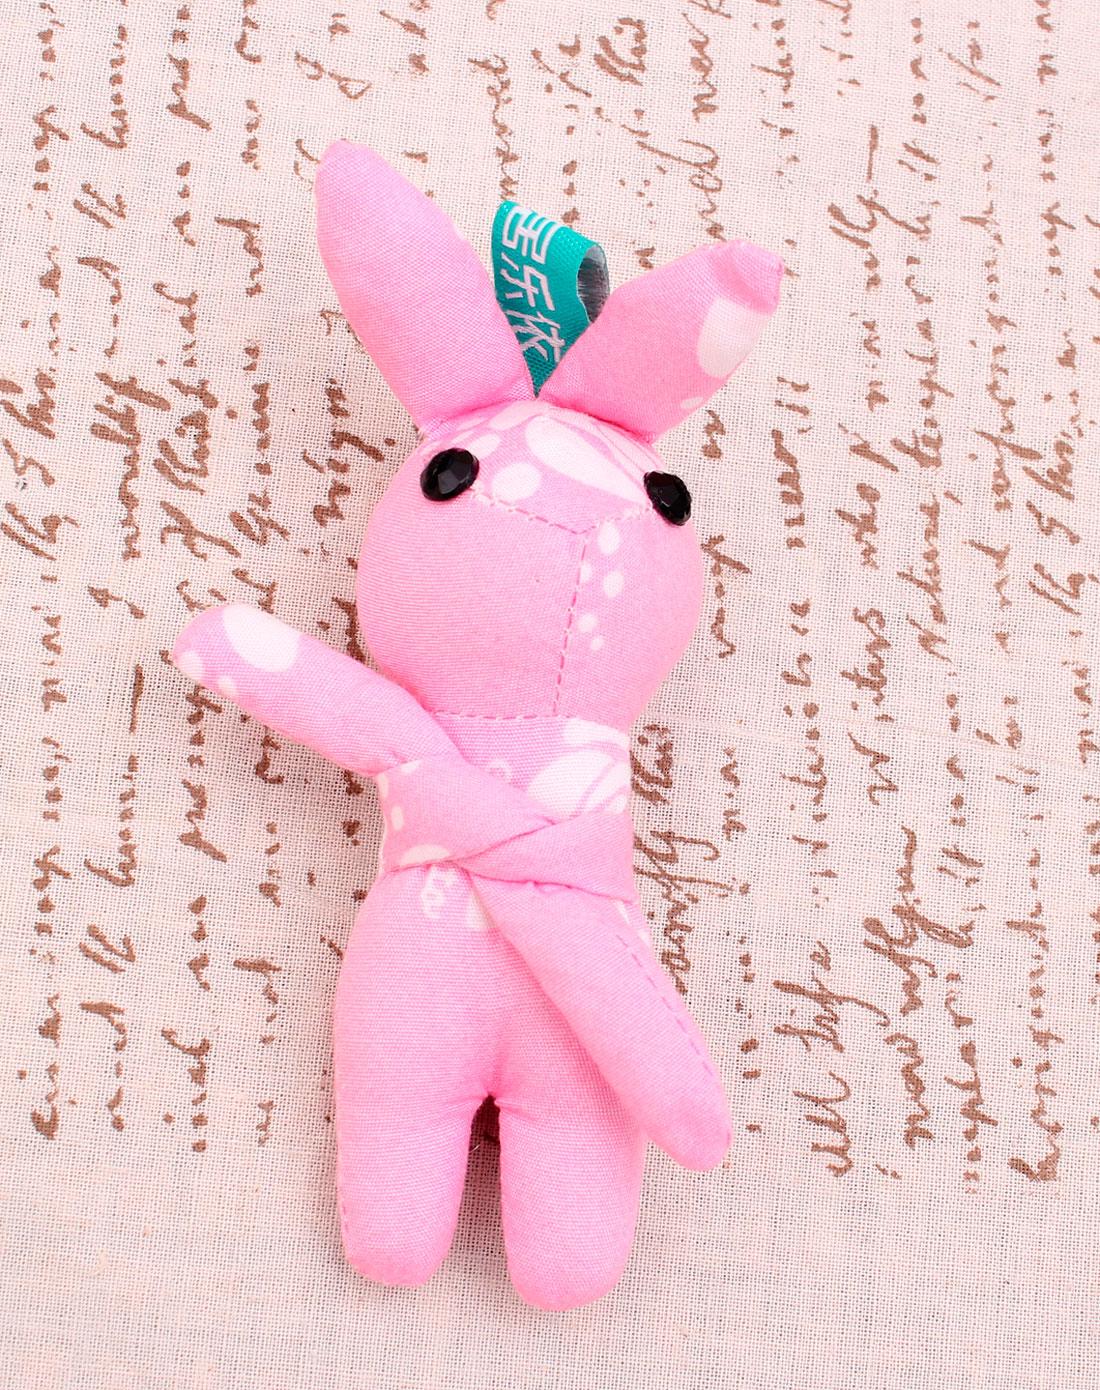 可爱兔兔 粉红花色挂件